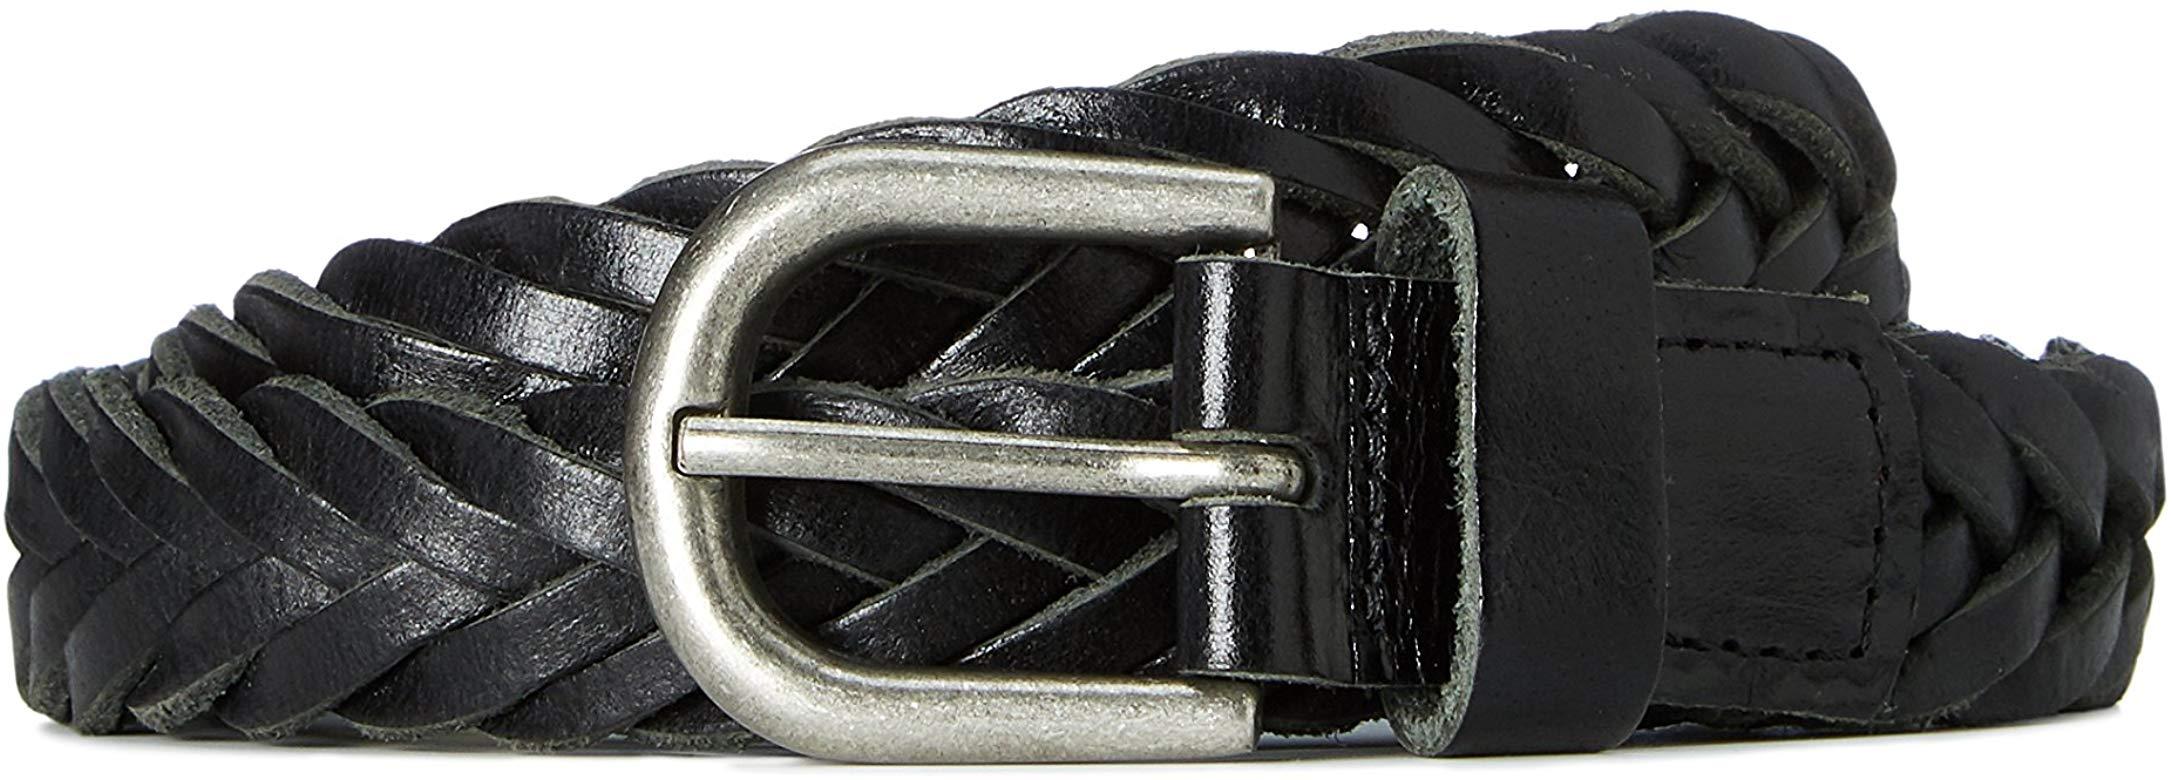 Cinturón trenzado para hombre de cuero talla 34w